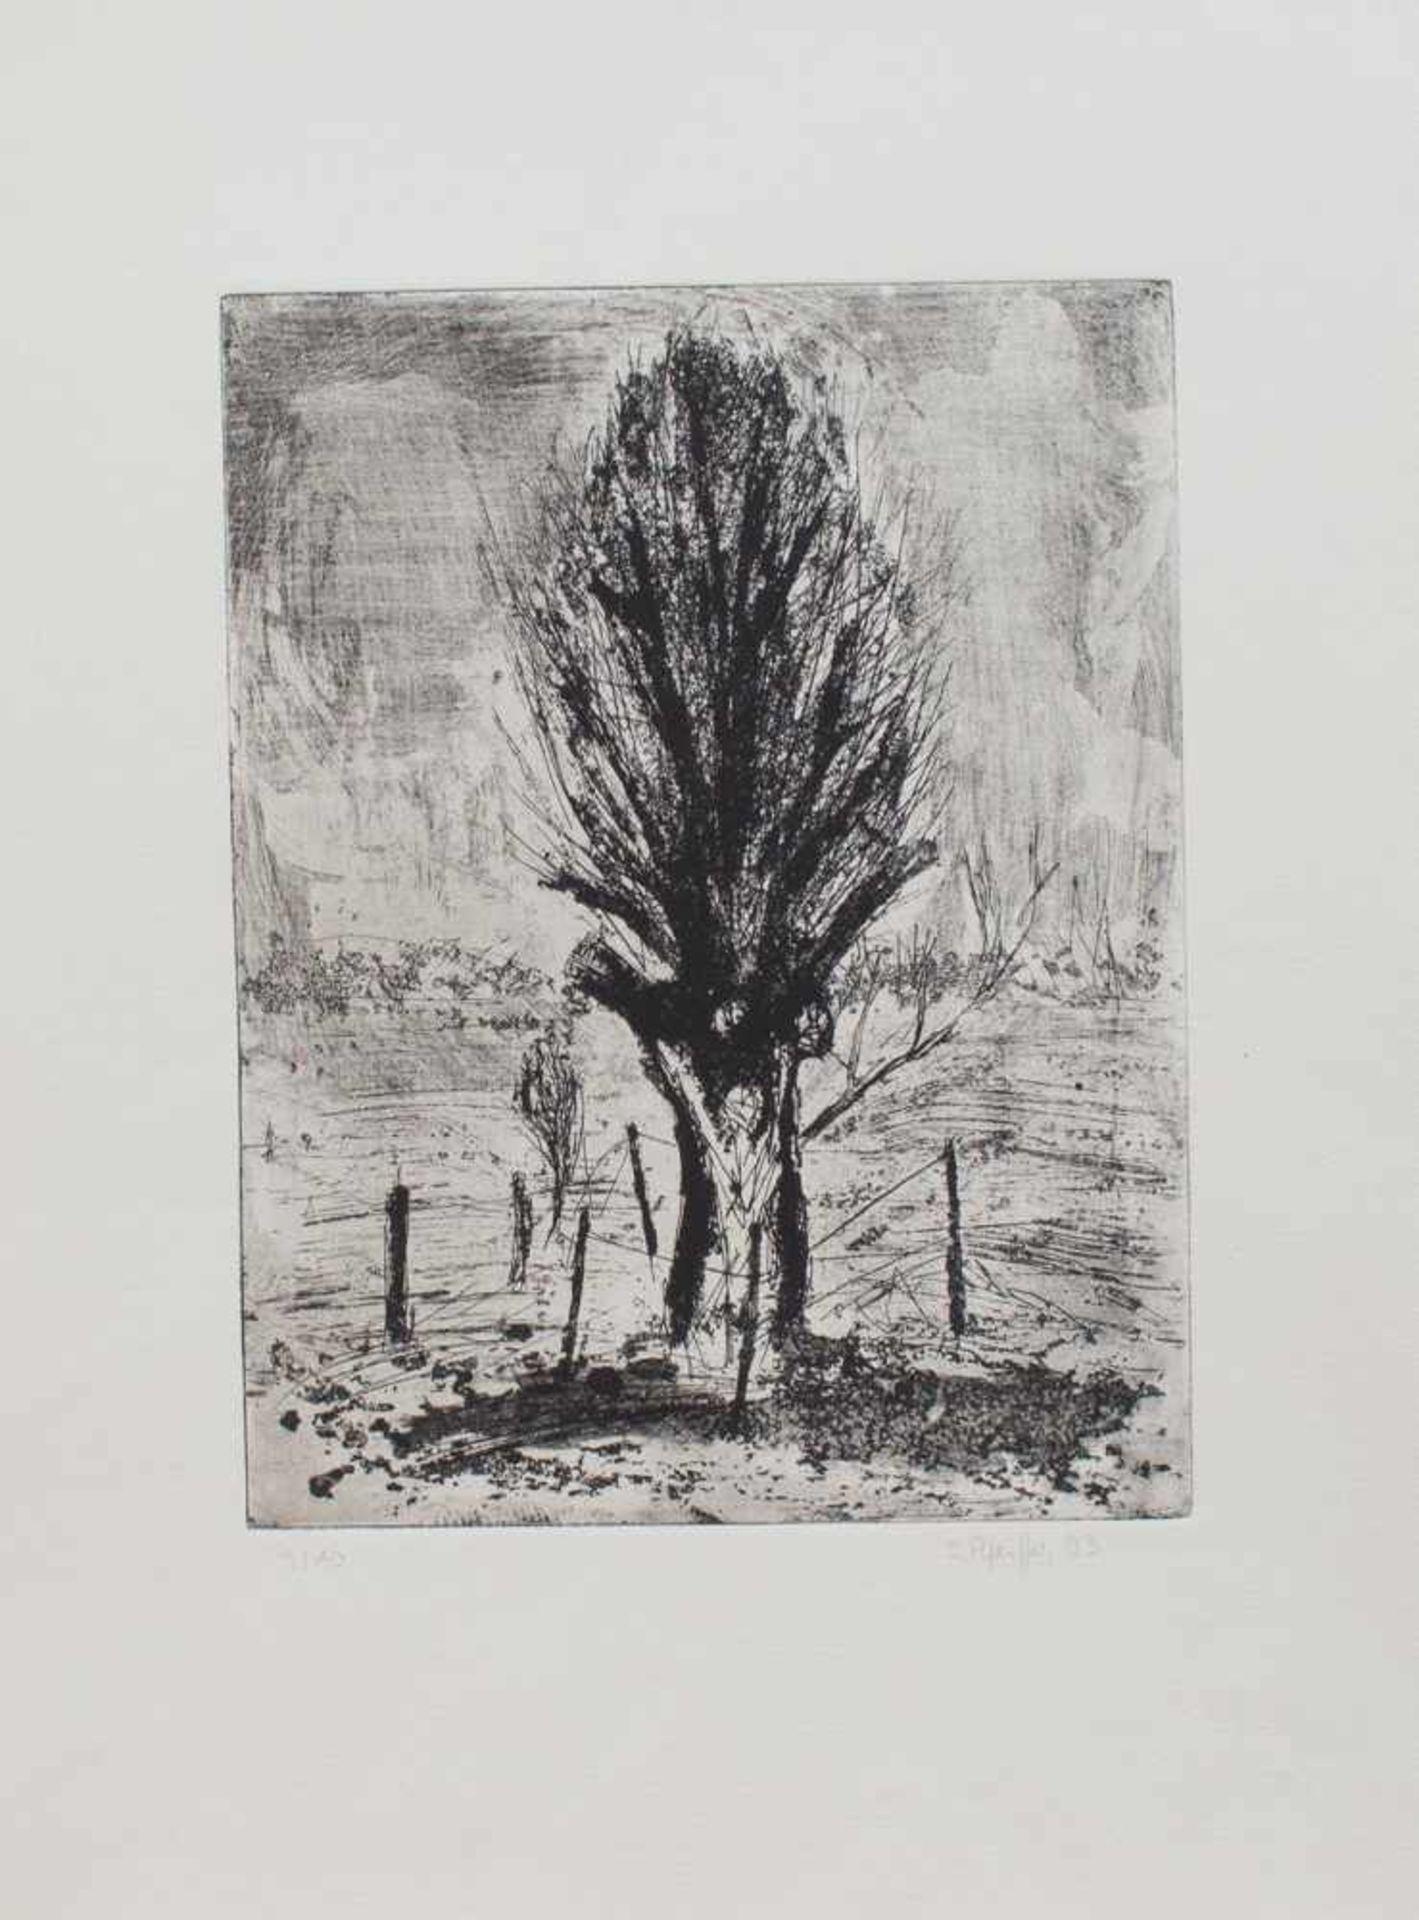 Los 38 - Susanne Pfeiffer (Greifswald 1947 - , deutsche Malerin u. Grafikerin, Autodidakt, Mitglied im